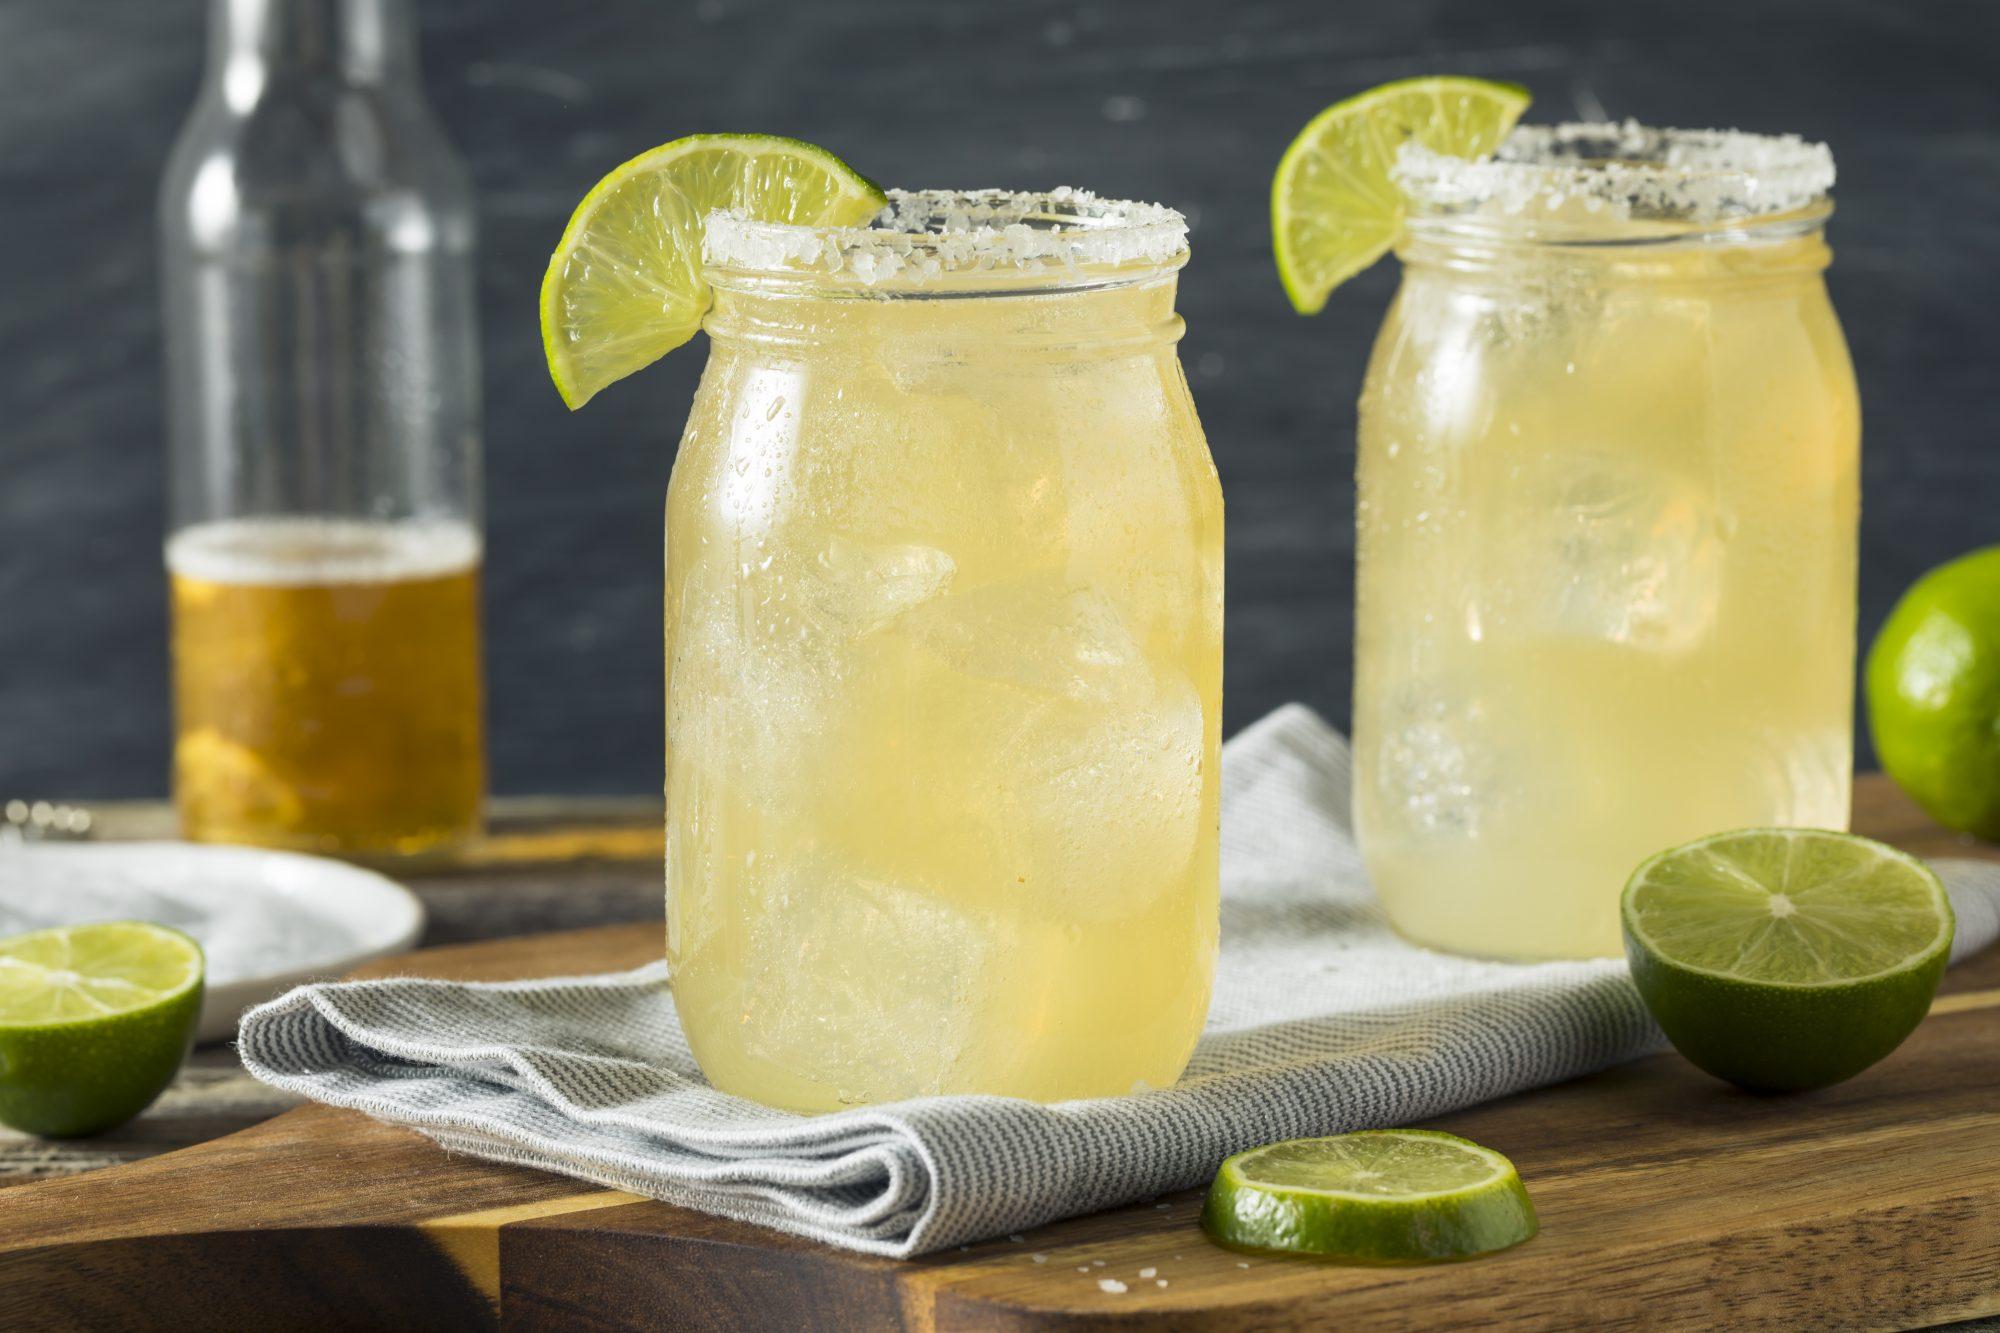 Cerveza con limón y sal